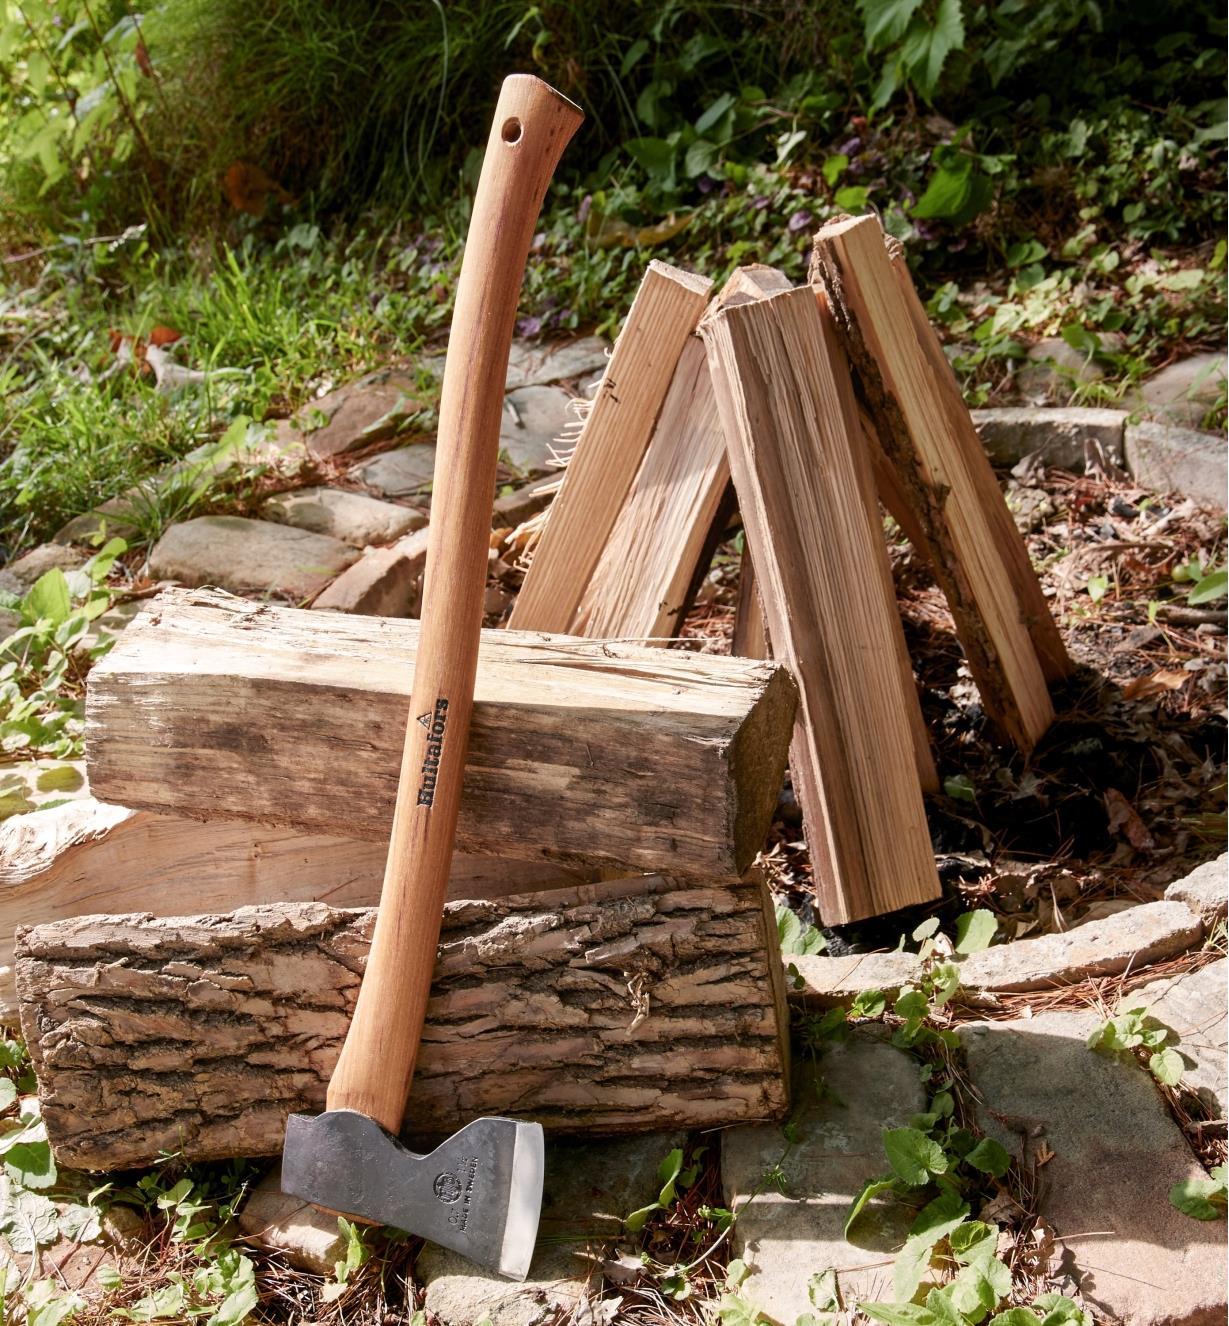 Construire Un Foyer Extérieur petite hache forestière hultafors - lee valley tools